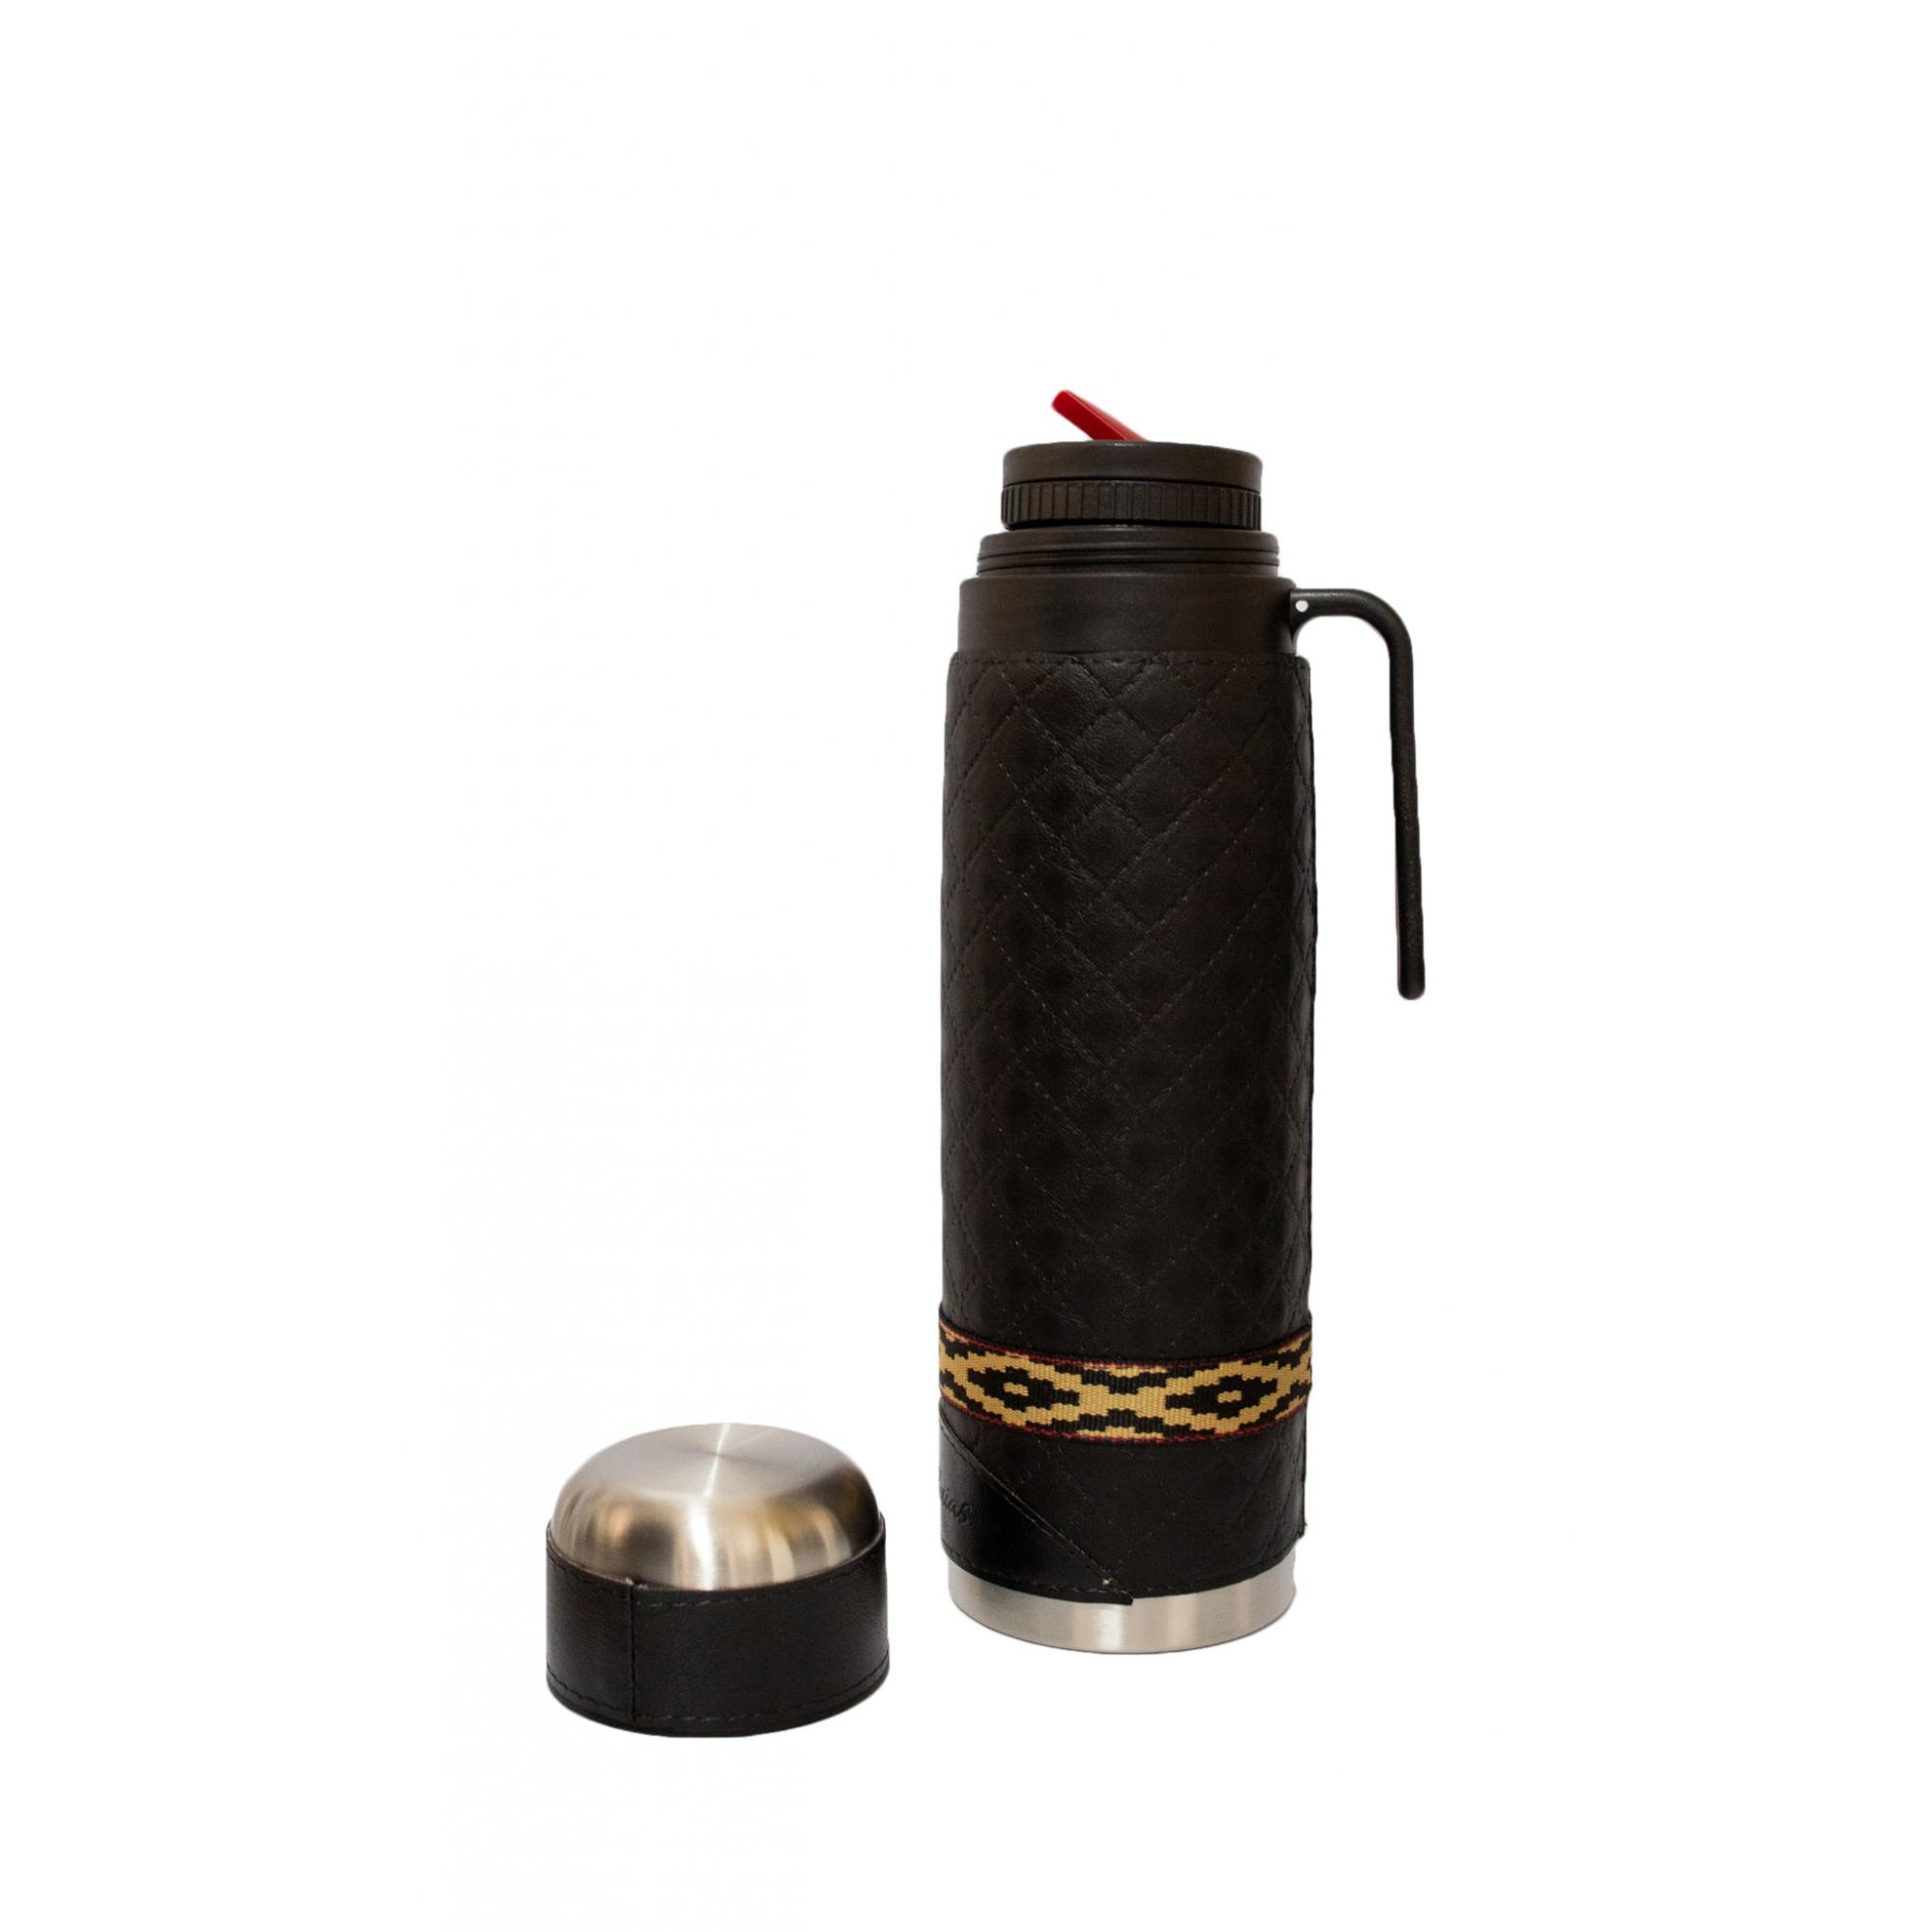 Conjunto chimarrão mateira 1 litro, térmica, cuia porongo lisa, bomba inox e porta erva